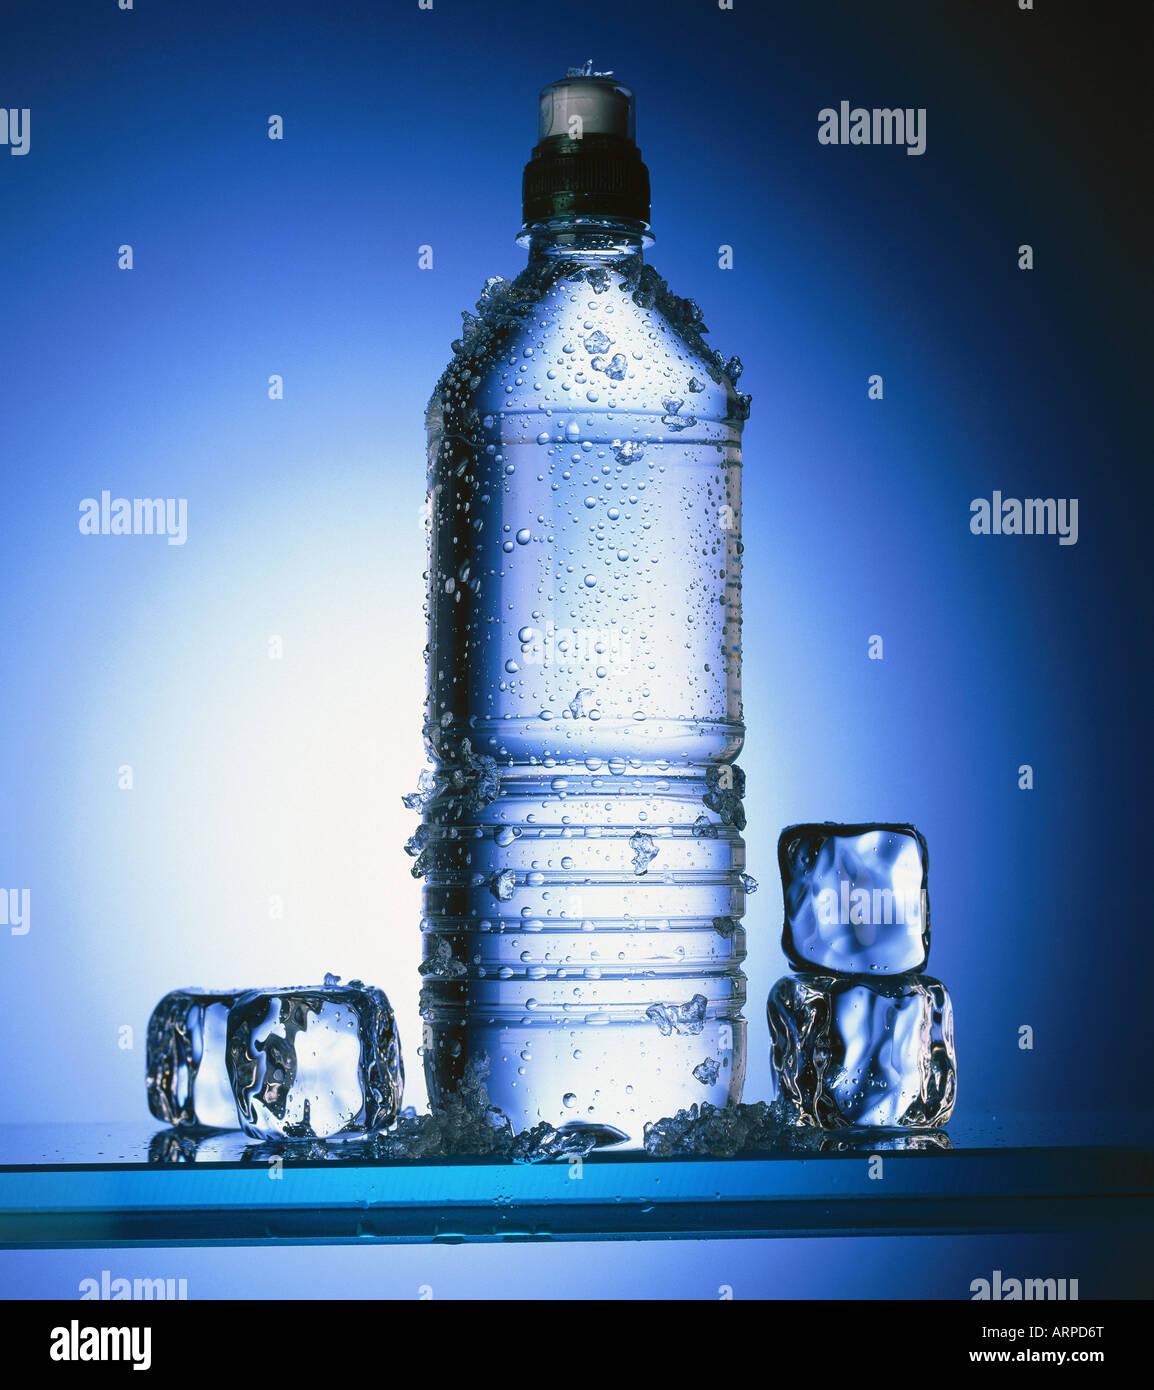 Bouteille d'eau avec des cubes de glace Photo Stock